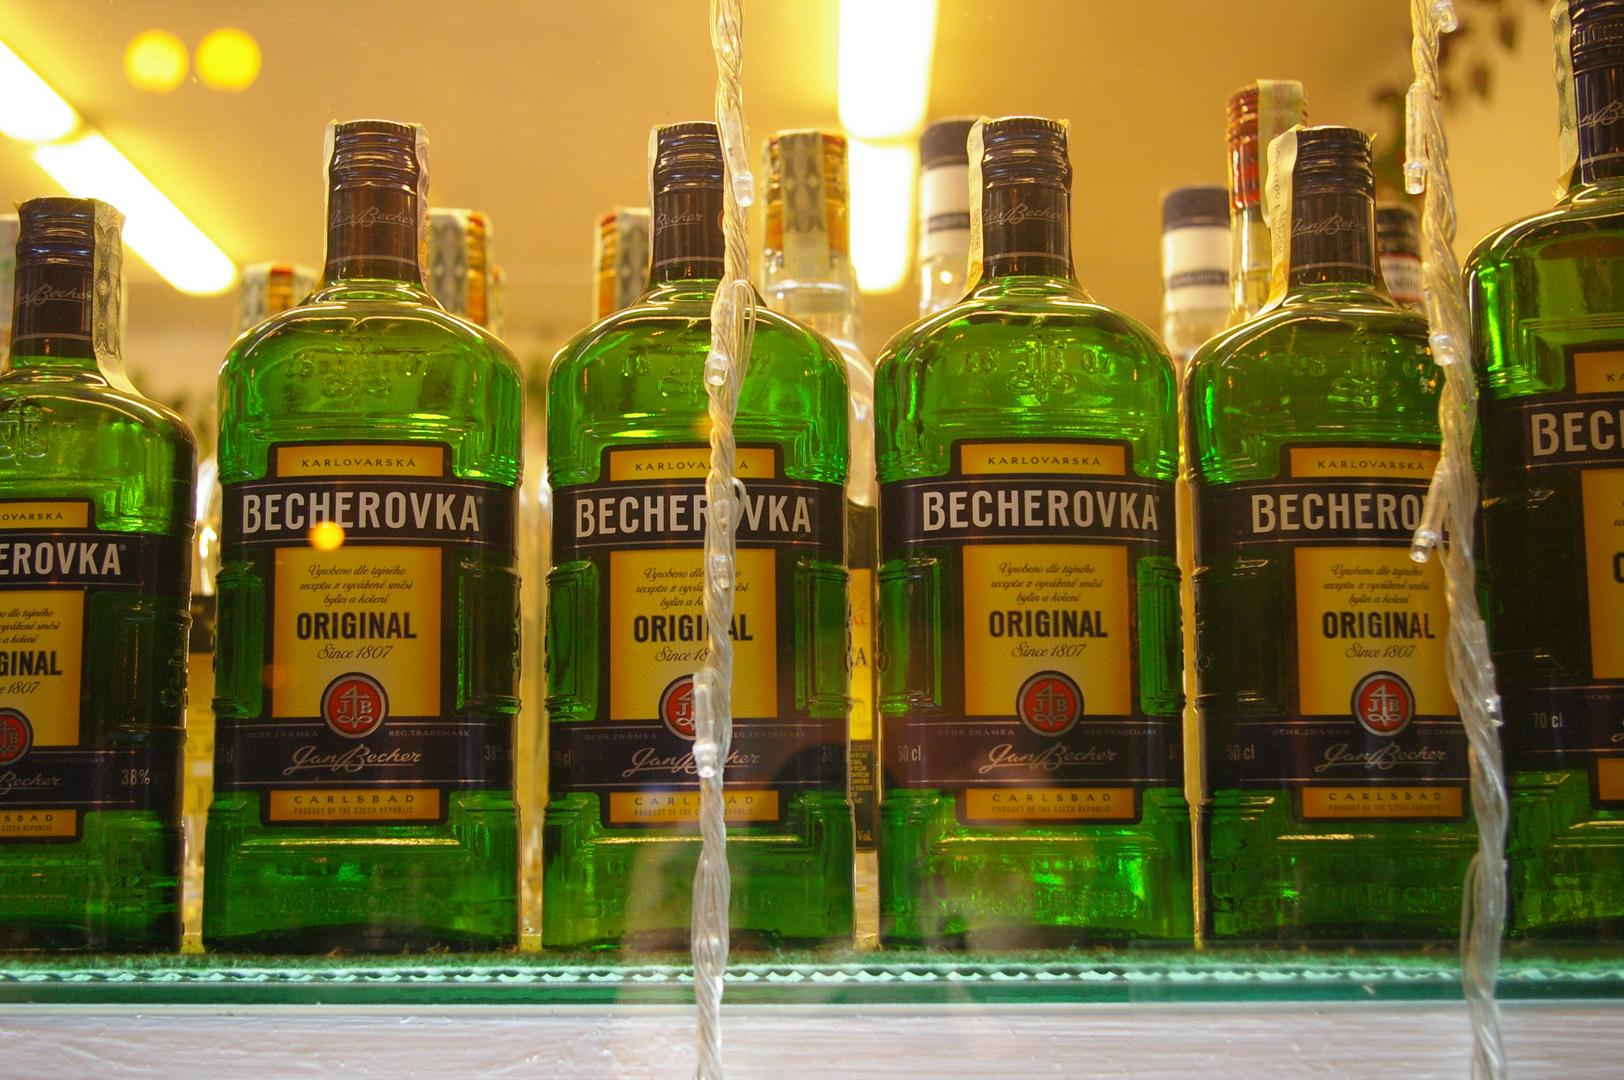 Becherovka, das Original